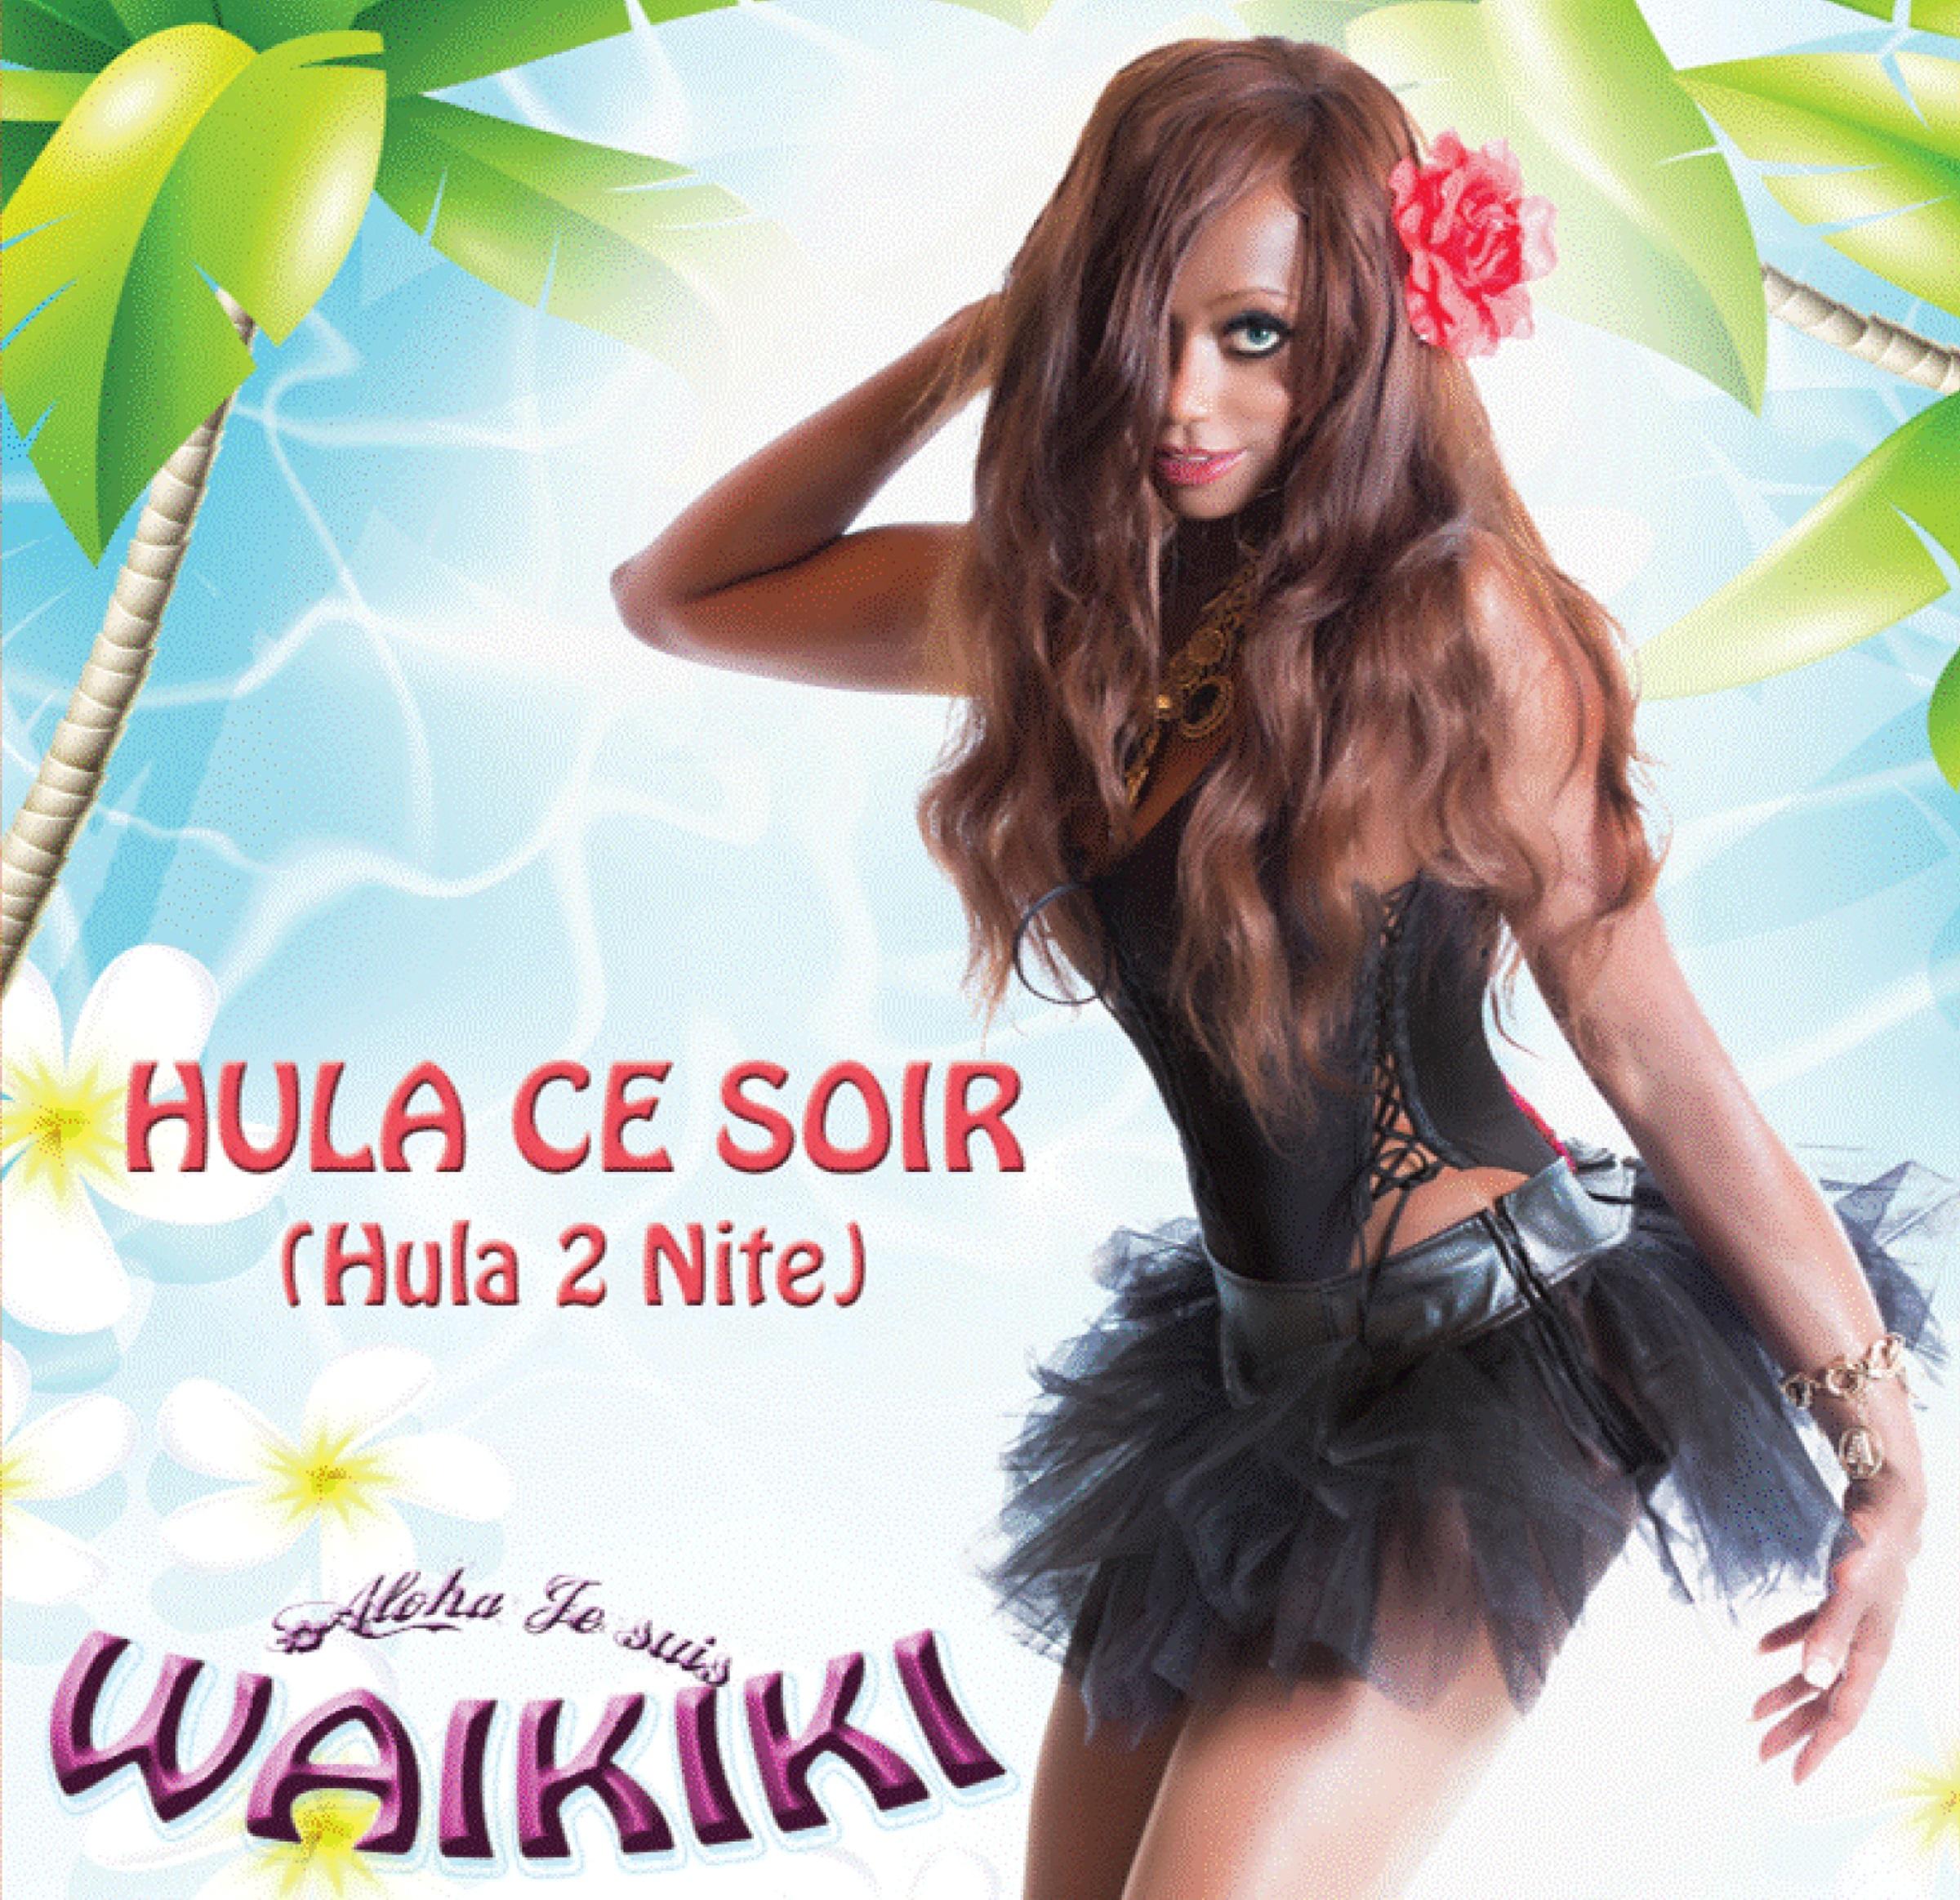 Waikiki - Hula Ce Soir cover